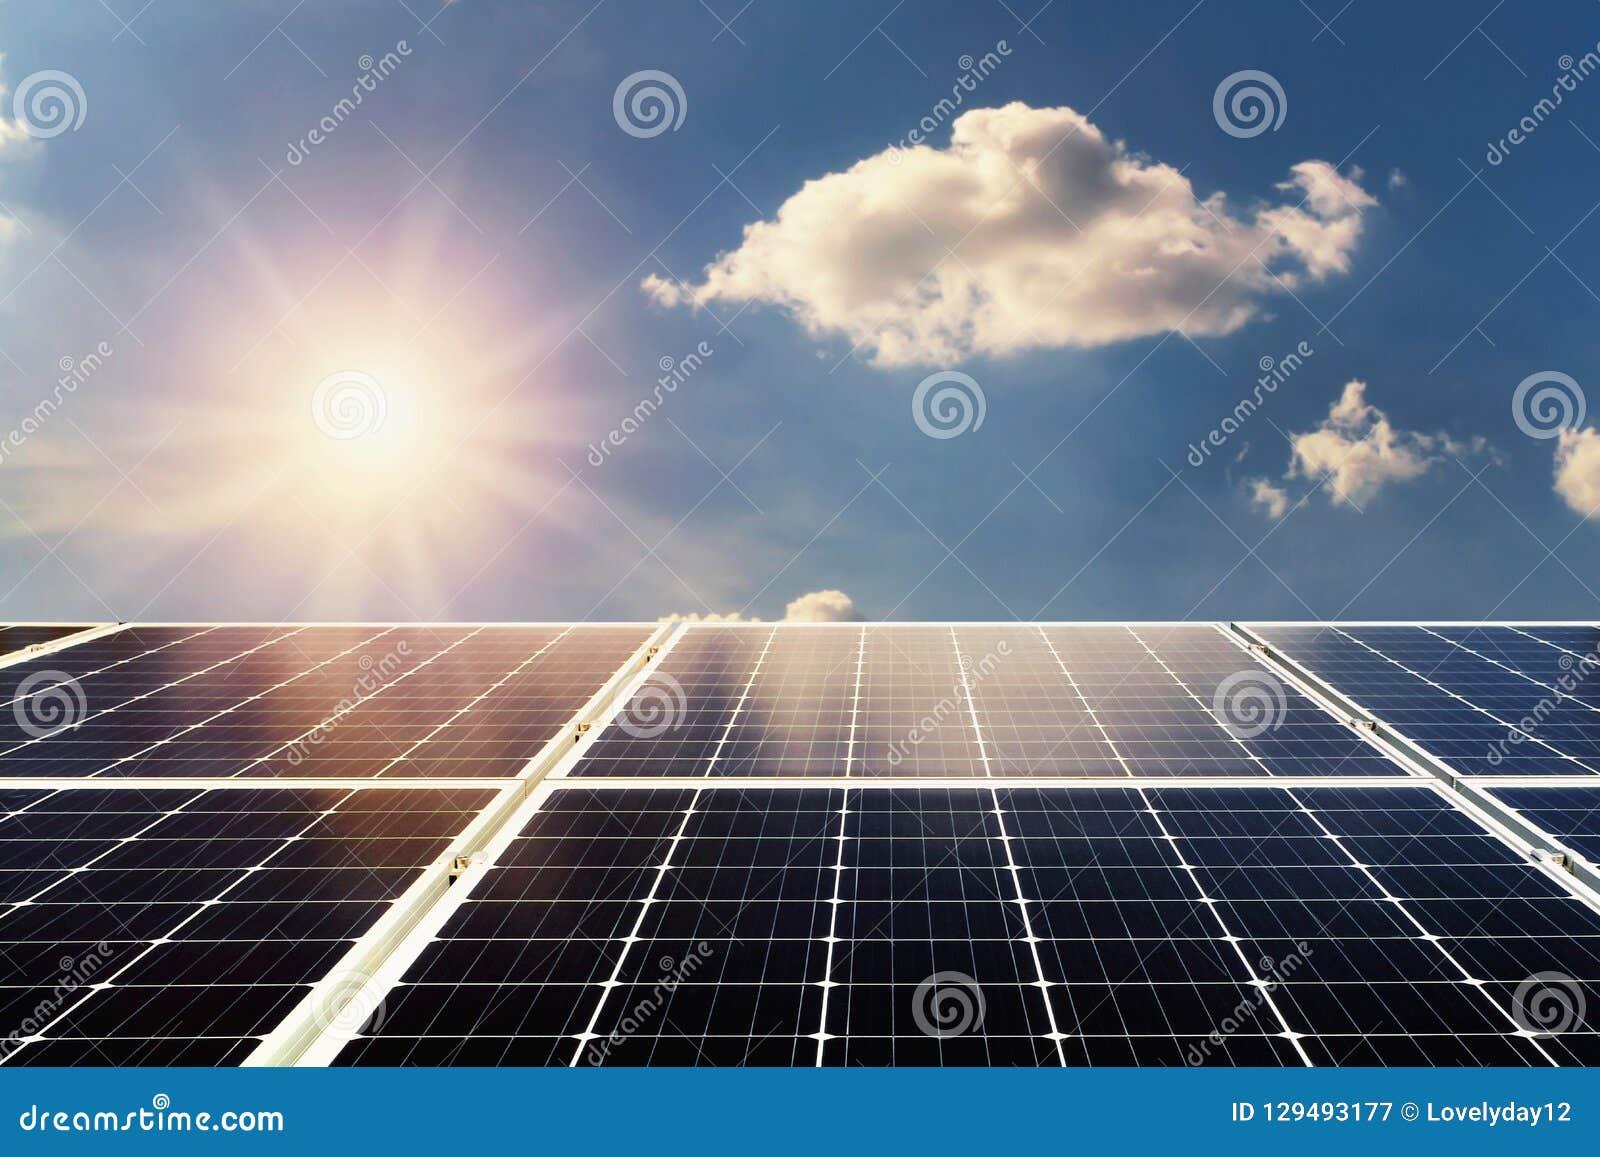 概念归零电源能量 太阳电池板和阳光与蓝色s